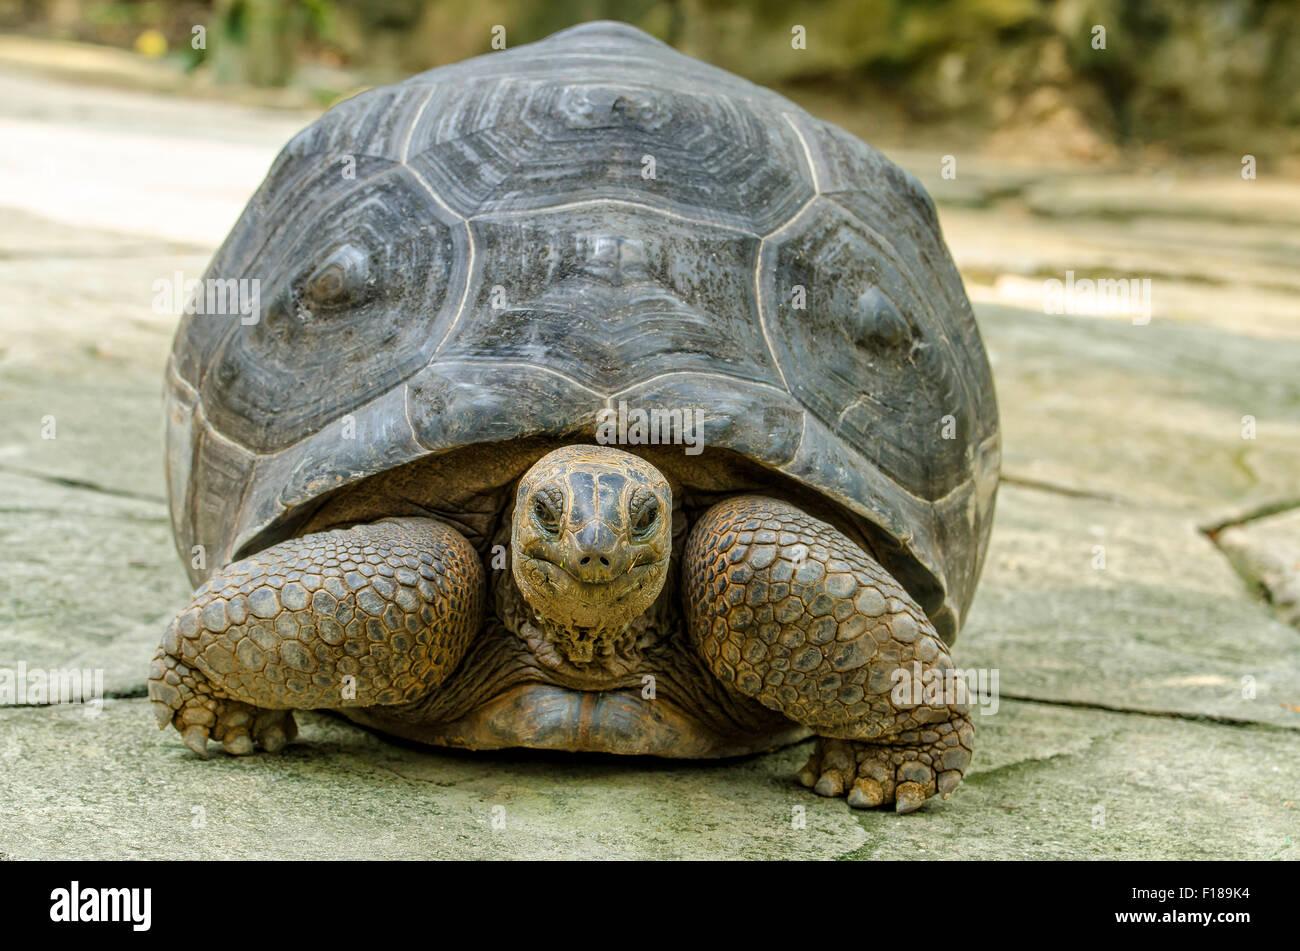 El hábitat de la tortuga Aldabra es isla del atolón de Aldabra en las Seychelles. Imagen De Stock